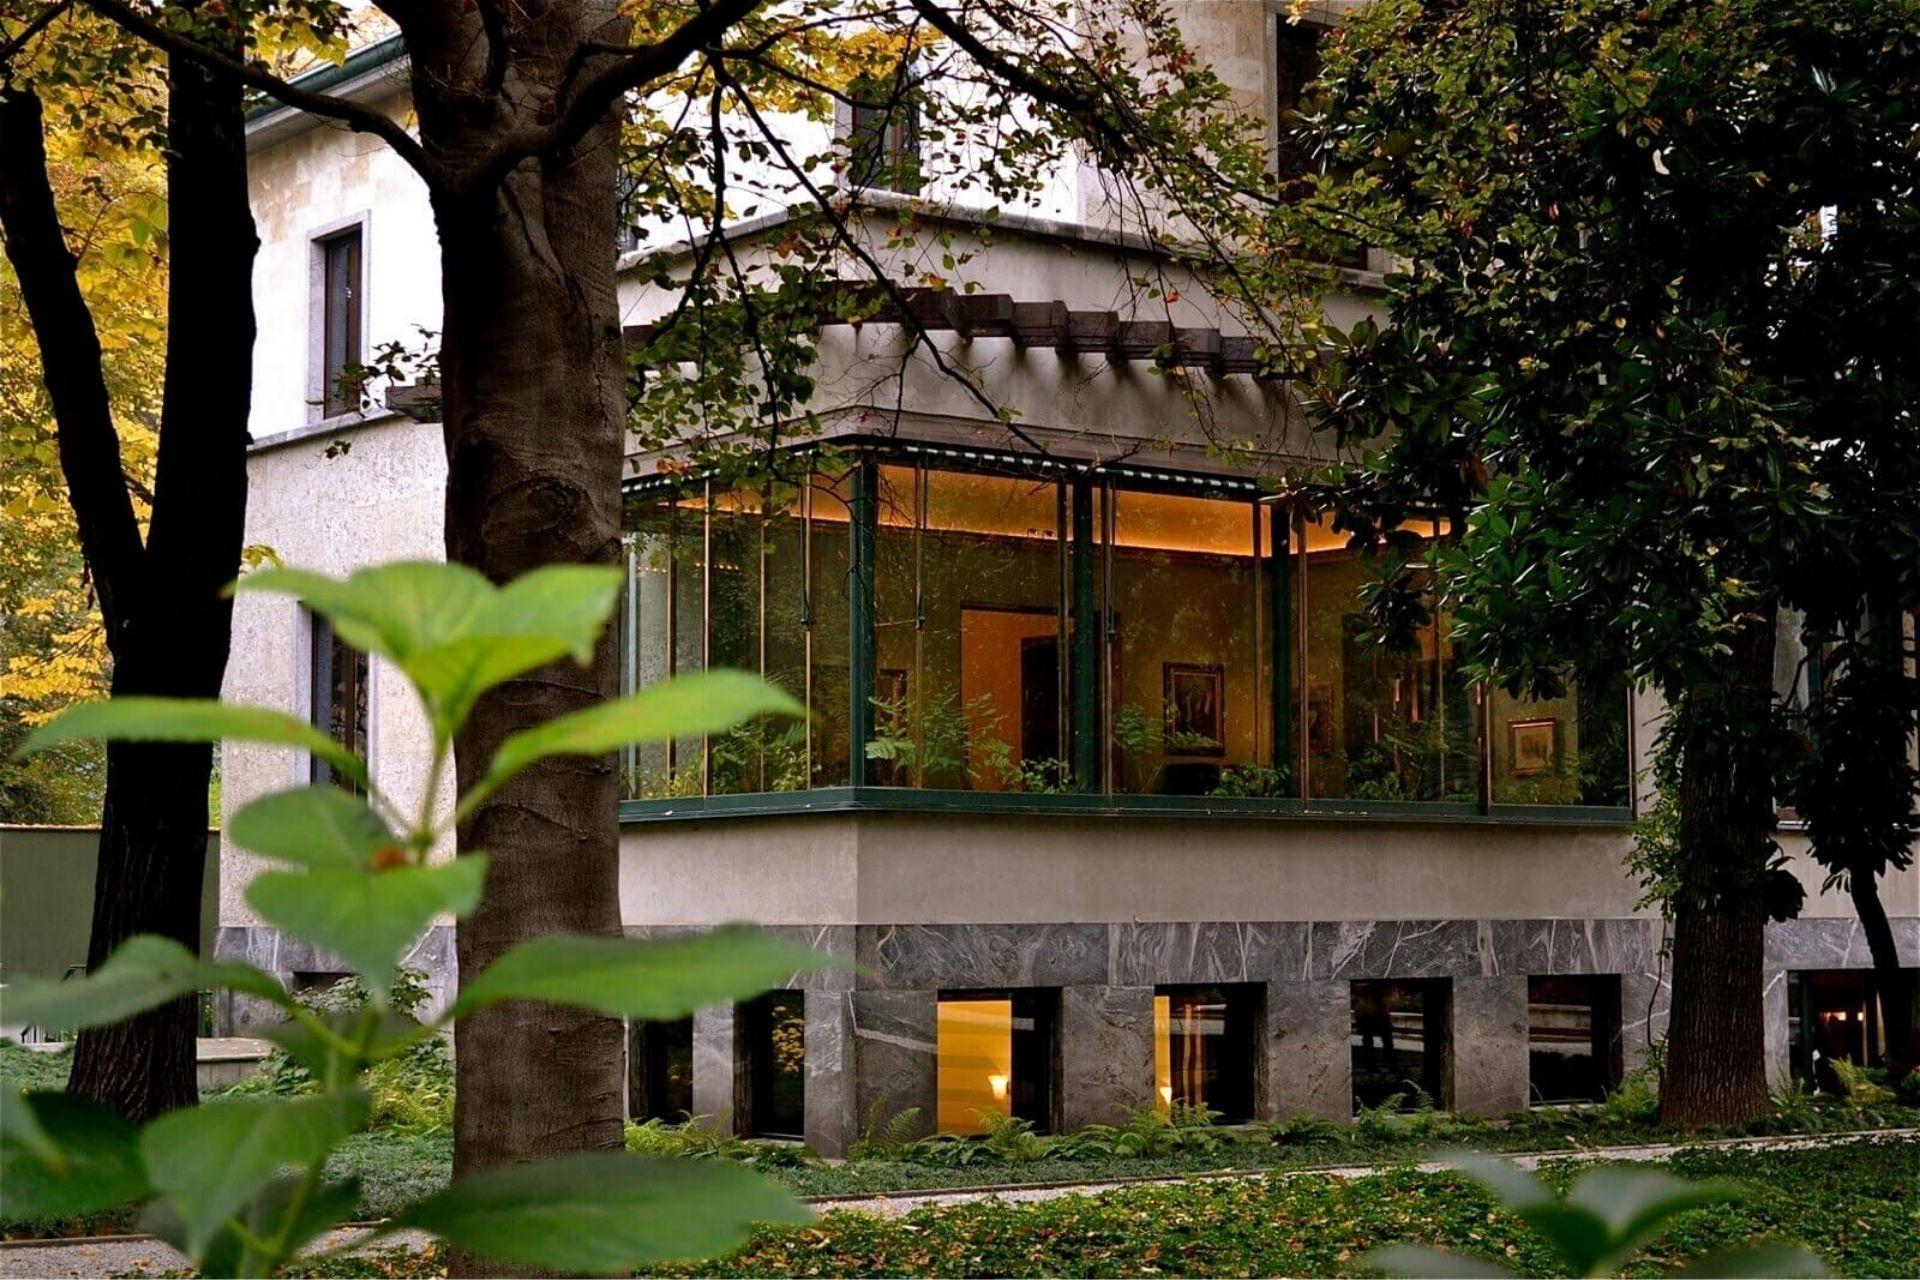 Visita guidata Villa Necchi Campiglio